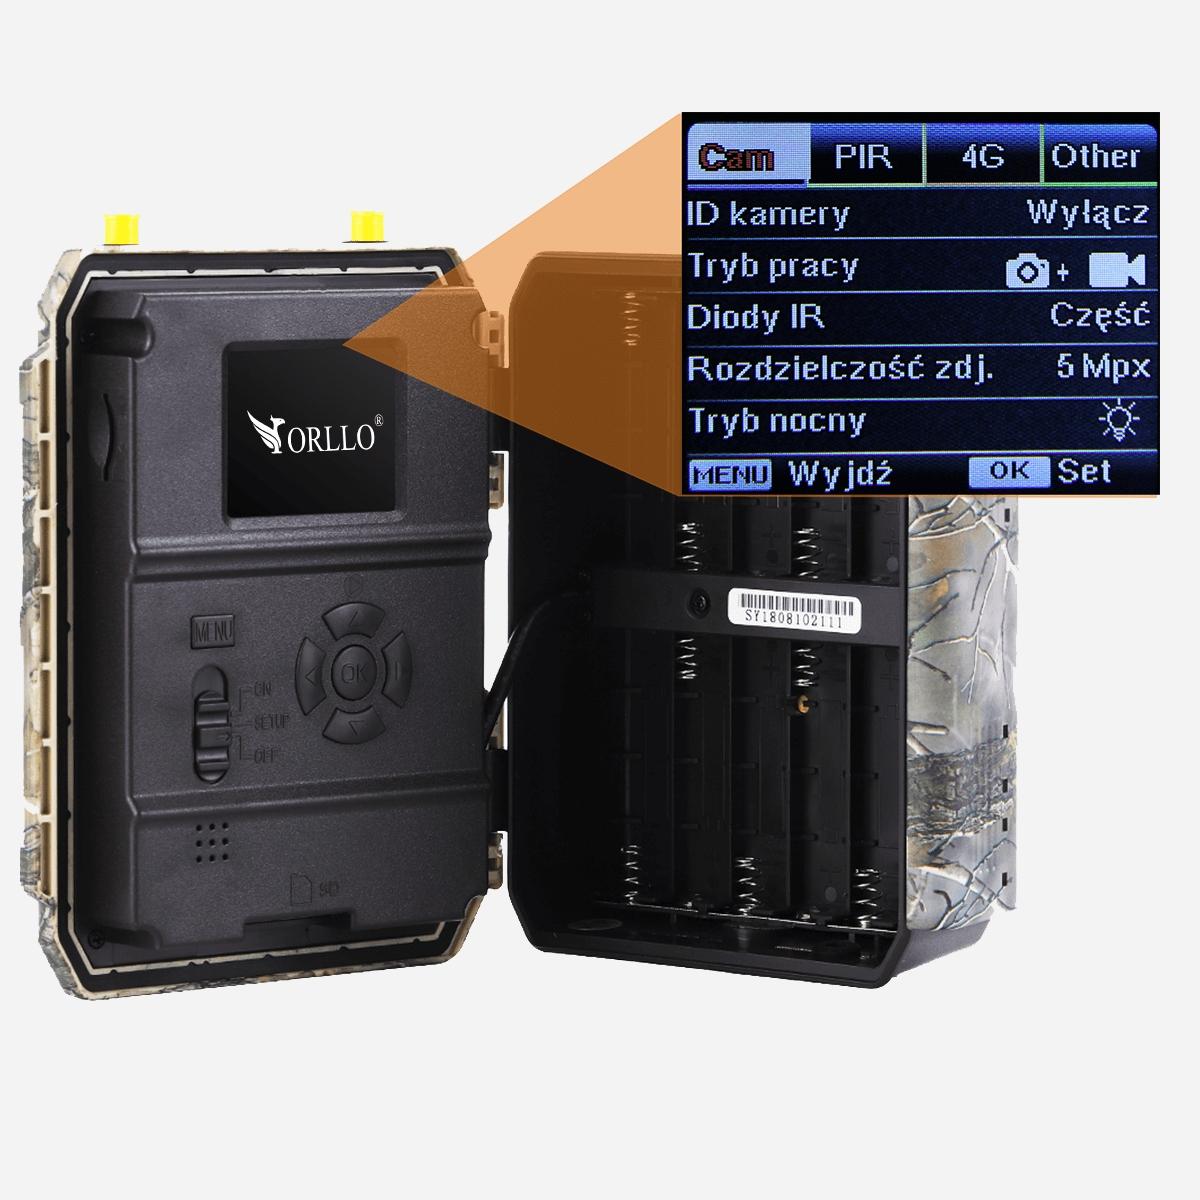 Fotopułapka Kamera Leśna SIM GSM Bezprzewodowa PRO Model HUNTERCAM PRO